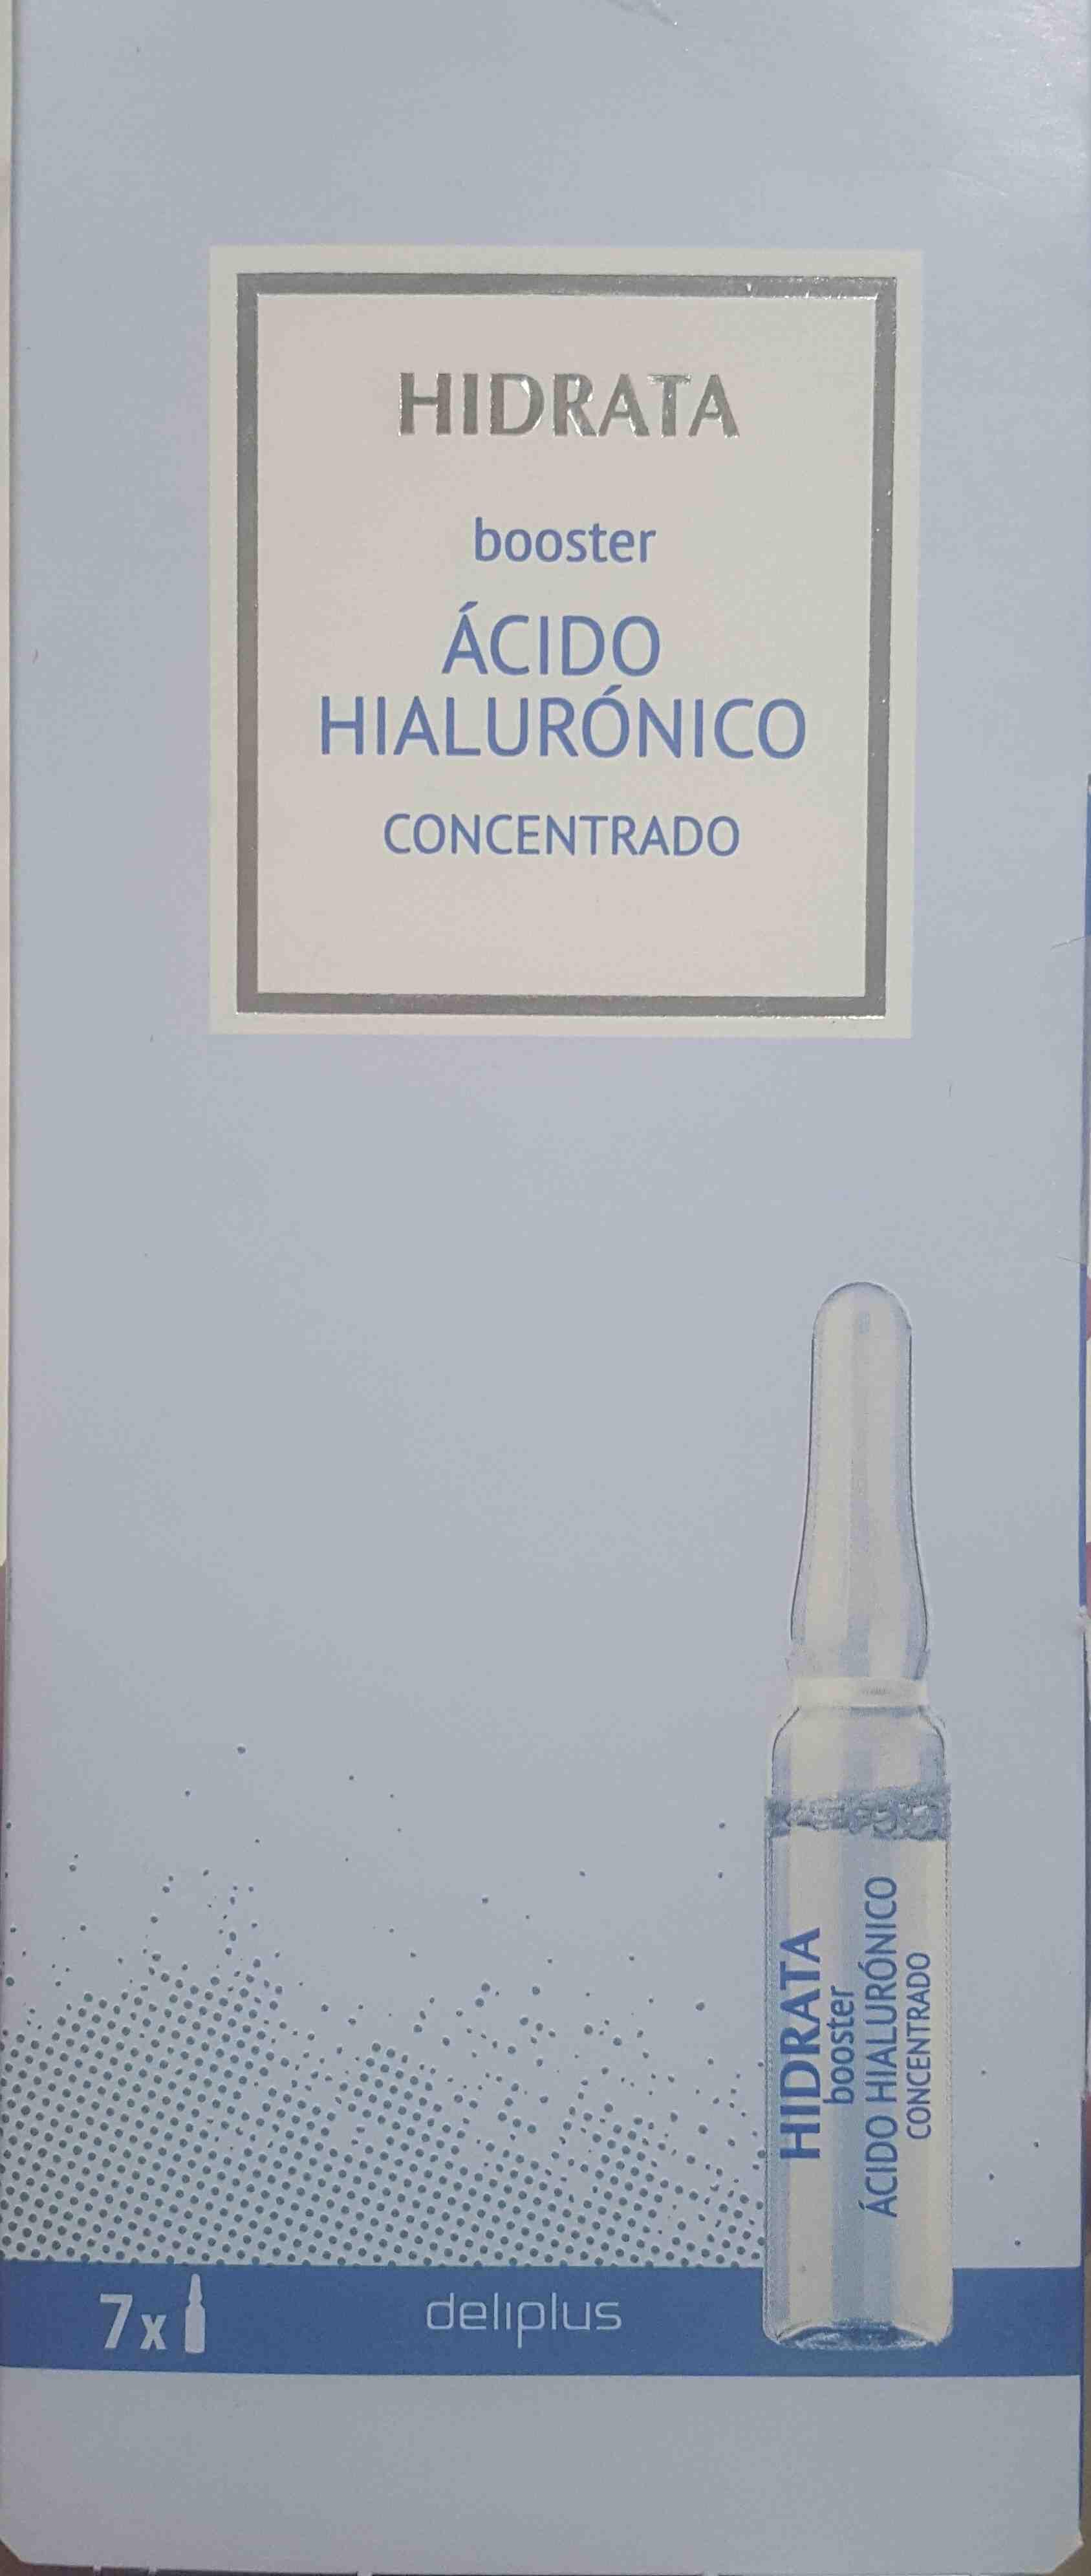 Acido hialuronico concentradoDeliplus - Product